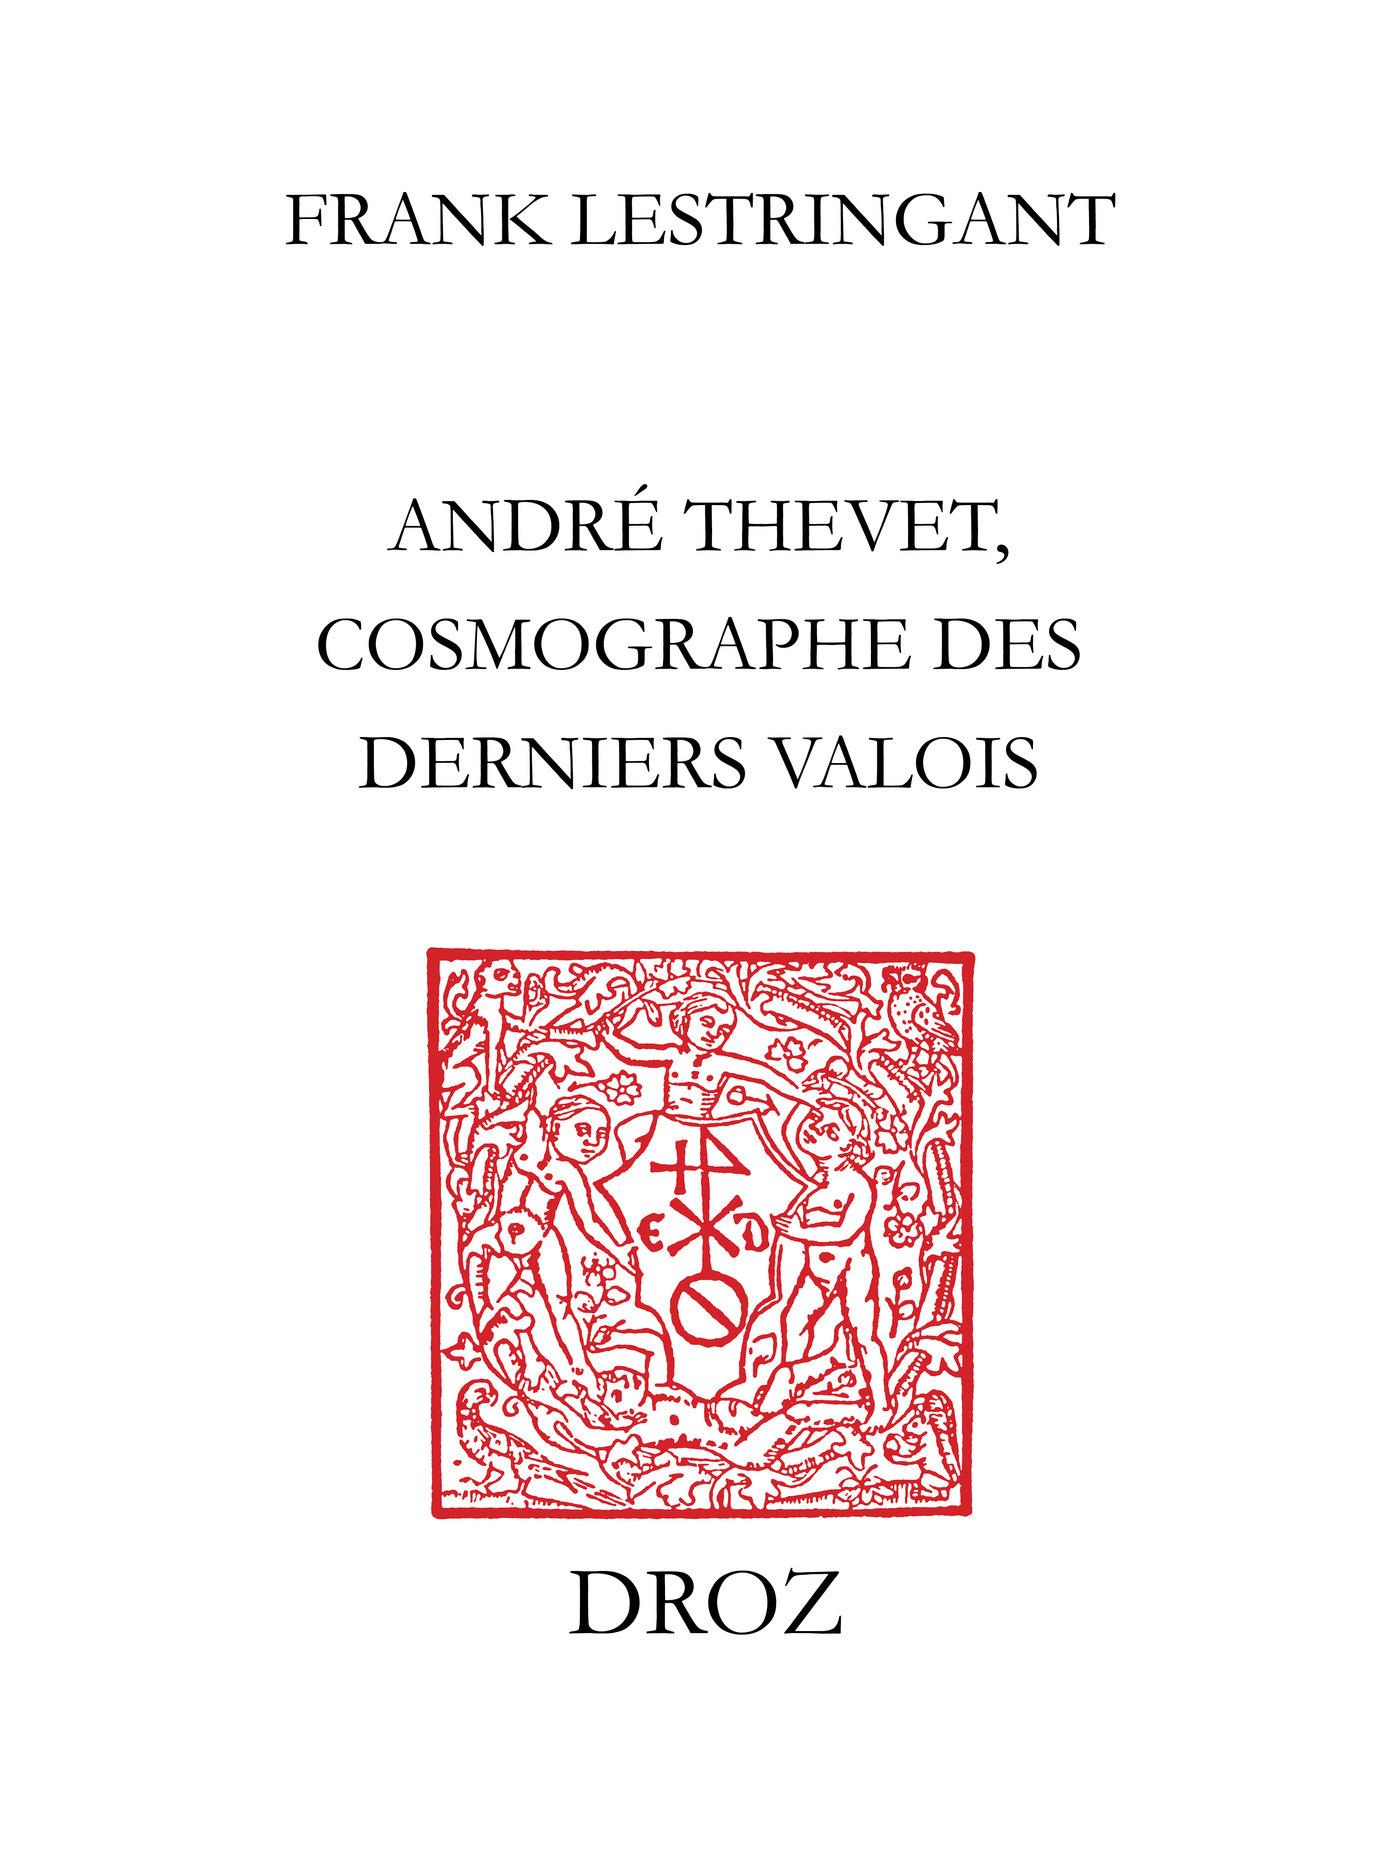 Andre thevet, cosmographe des derniers valois